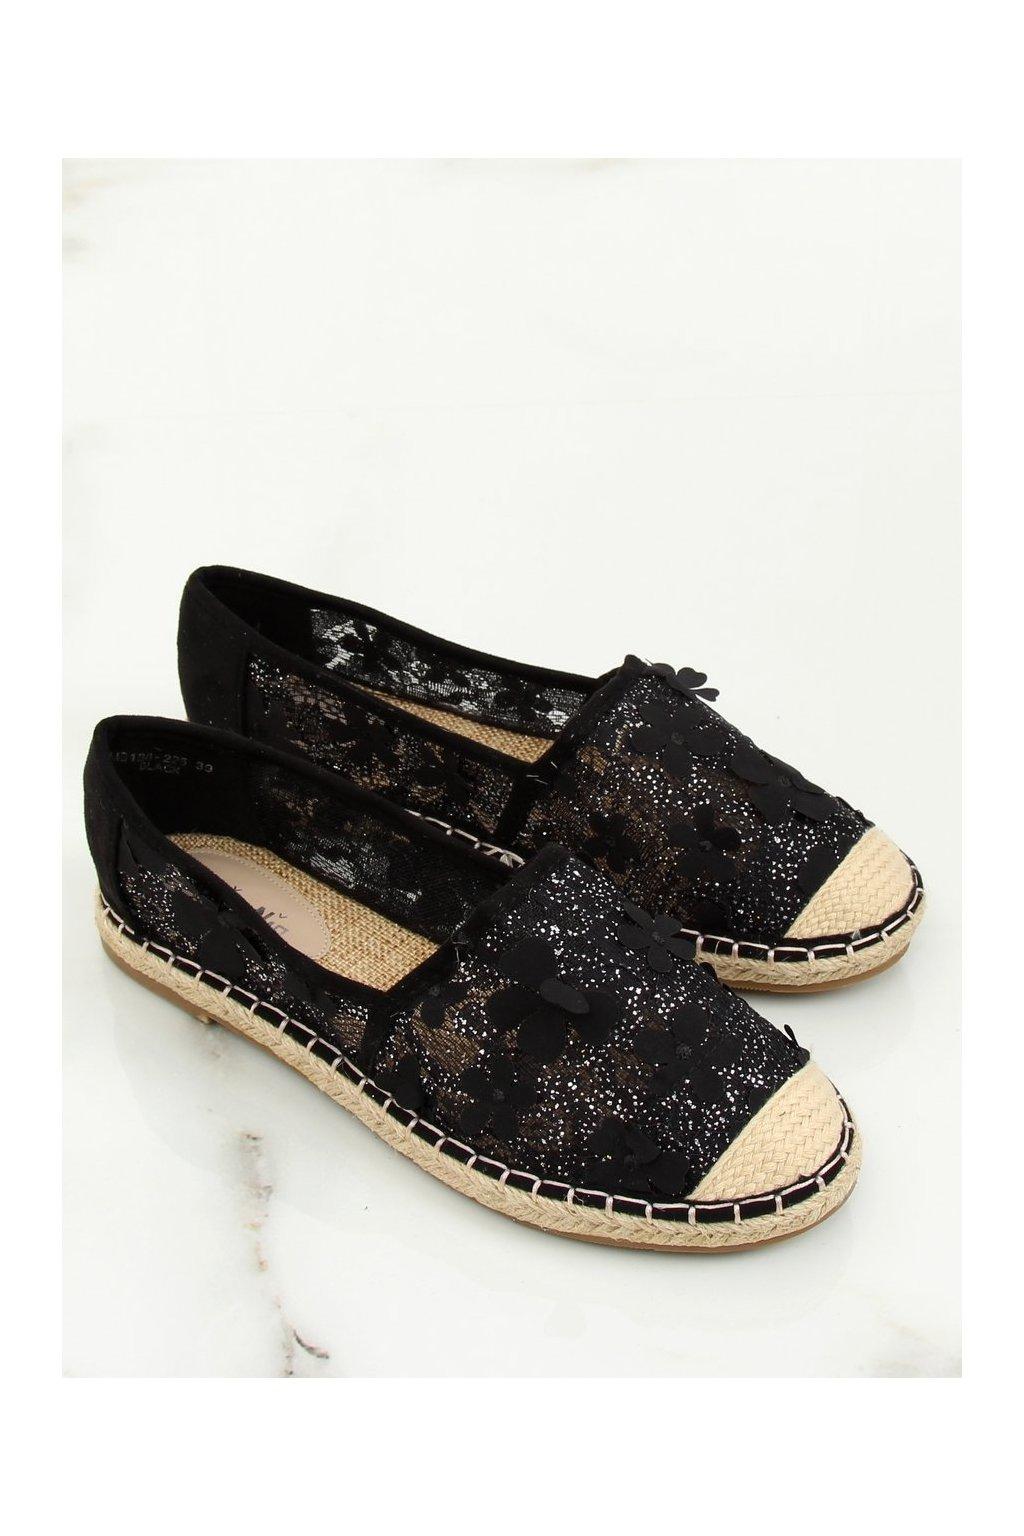 Čierne sandále NJSK MB188-225